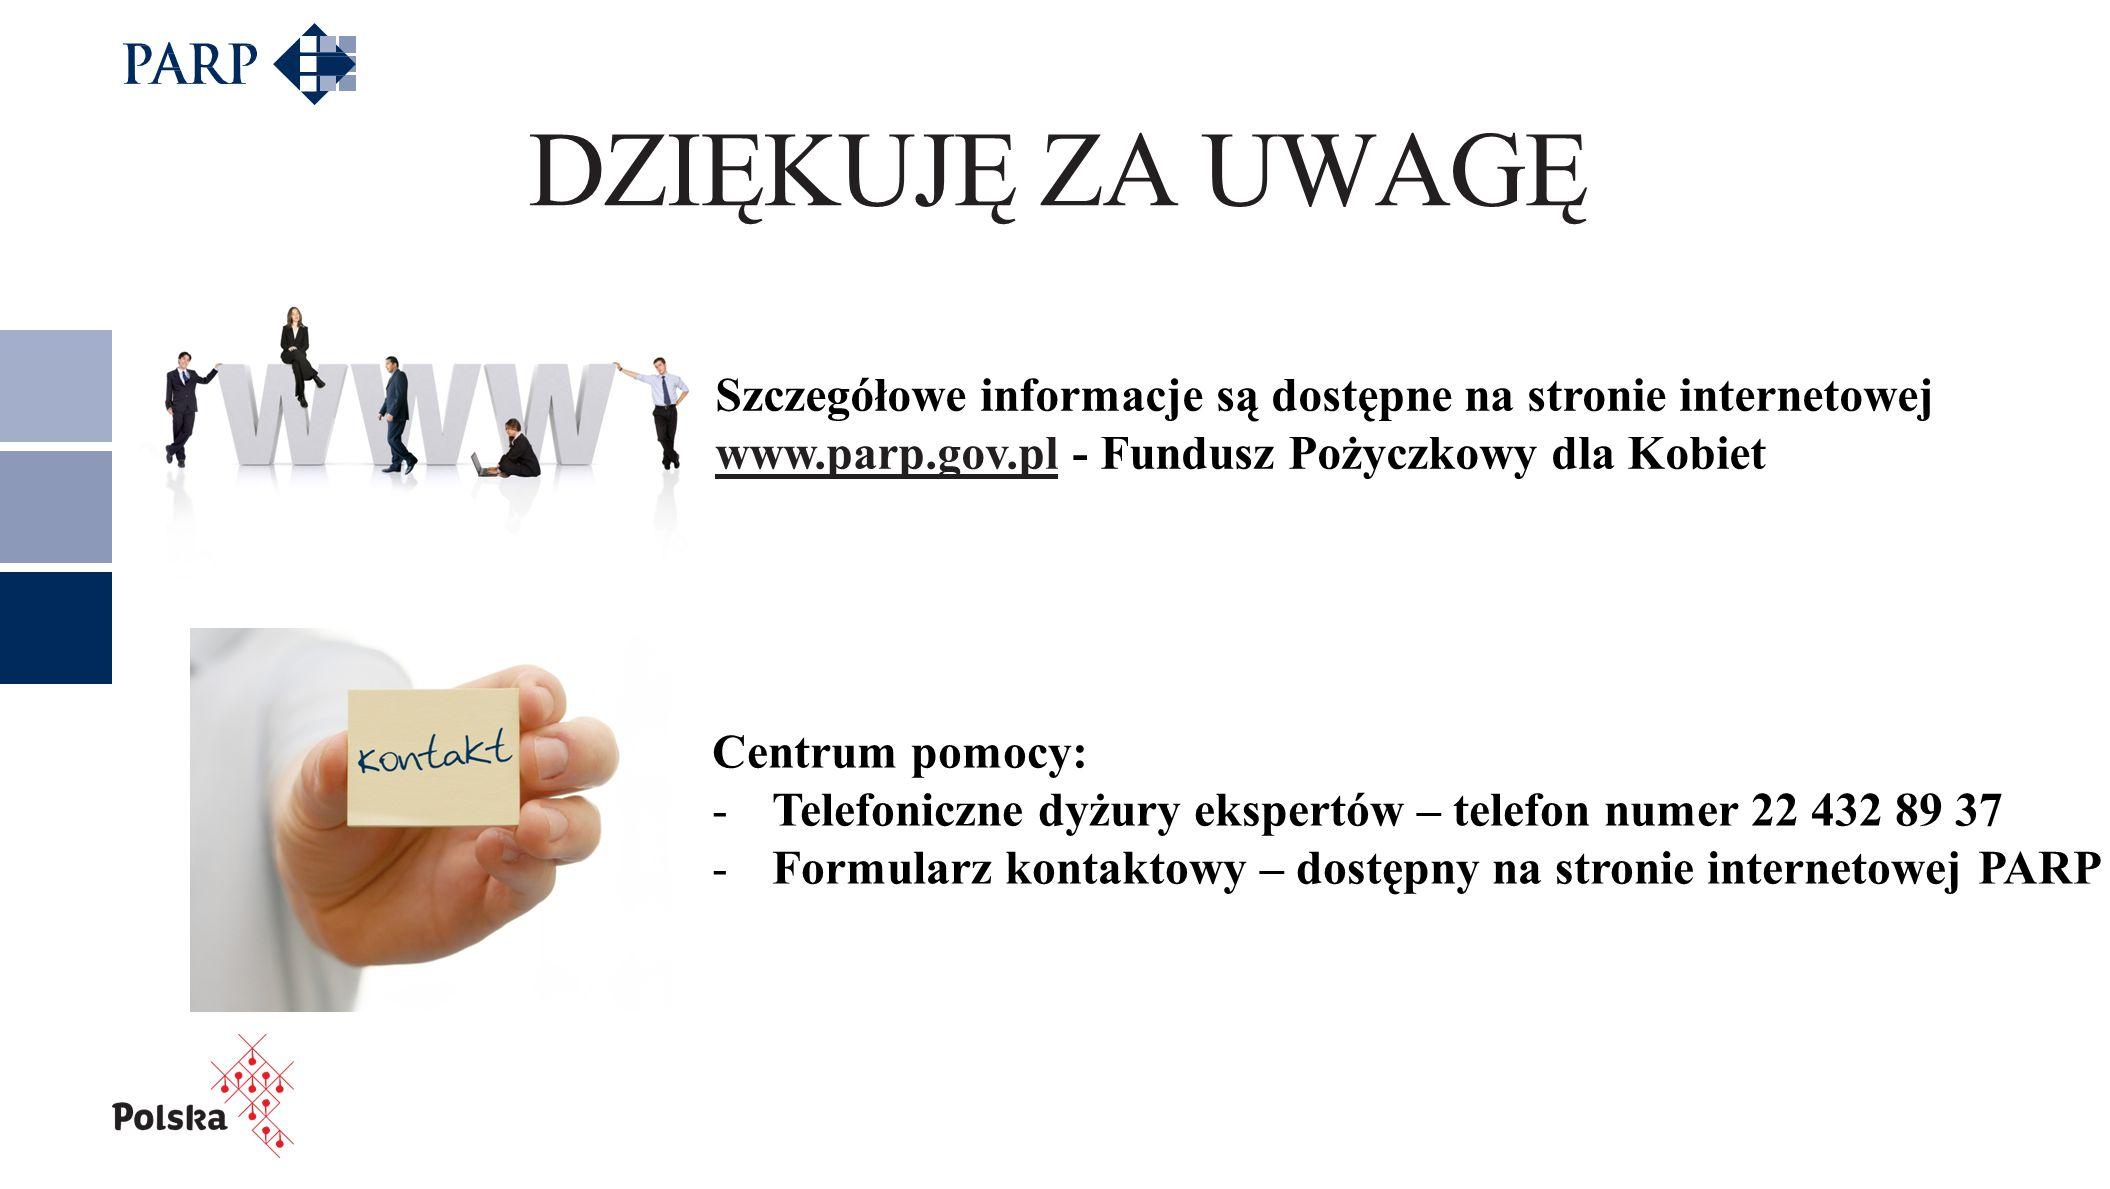 Centrum pomocy: -Telefoniczne dyżury ekspertów – telefon numer 22 432 89 37 -Formularz kontaktowy – dostępny na stronie internetowej PARP DZIĘKUJĘ ZA UWAGĘ Szczegółowe informacje są dostępne na stronie internetowej www.parp.gov.plwww.parp.gov.pl - Fundusz Pożyczkowy dla Kobiet